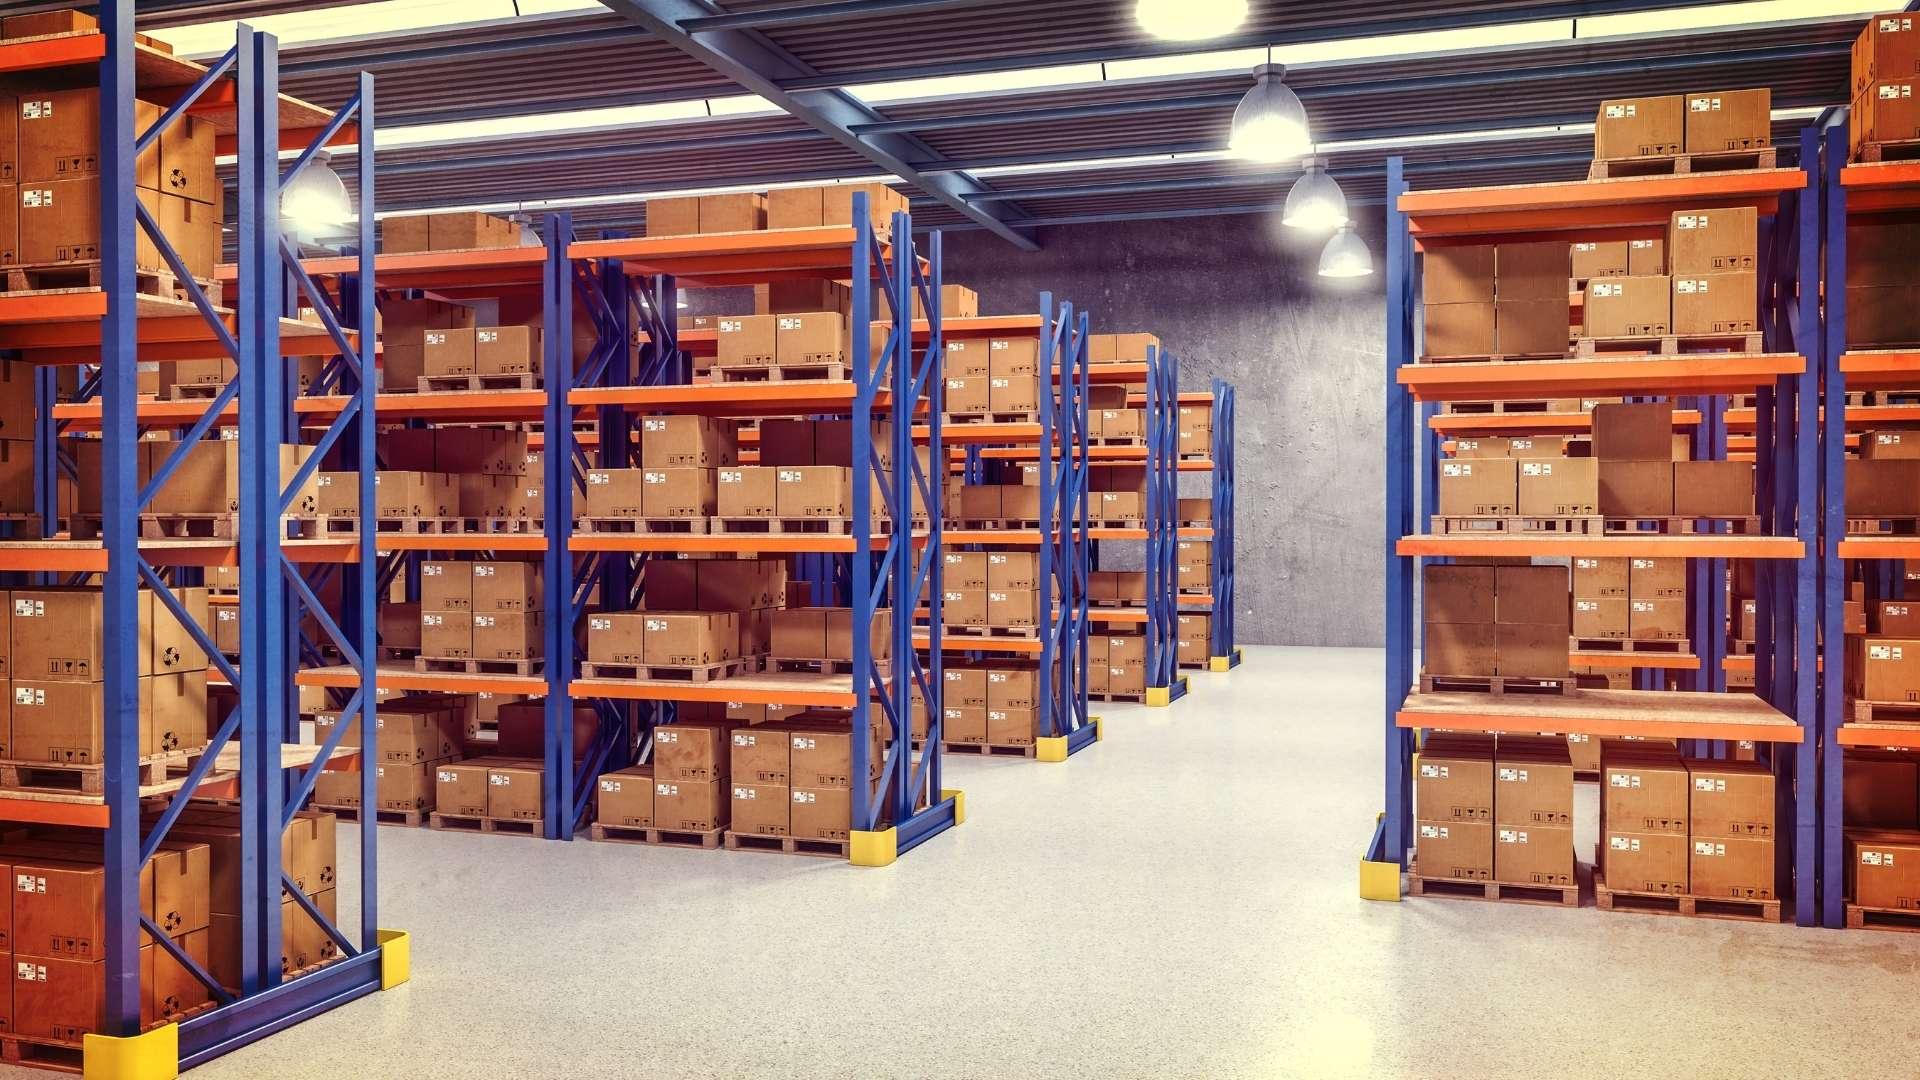 Warehousing Fosseway Freight-Leicester-Freight-Transport-Fosseway-Freight